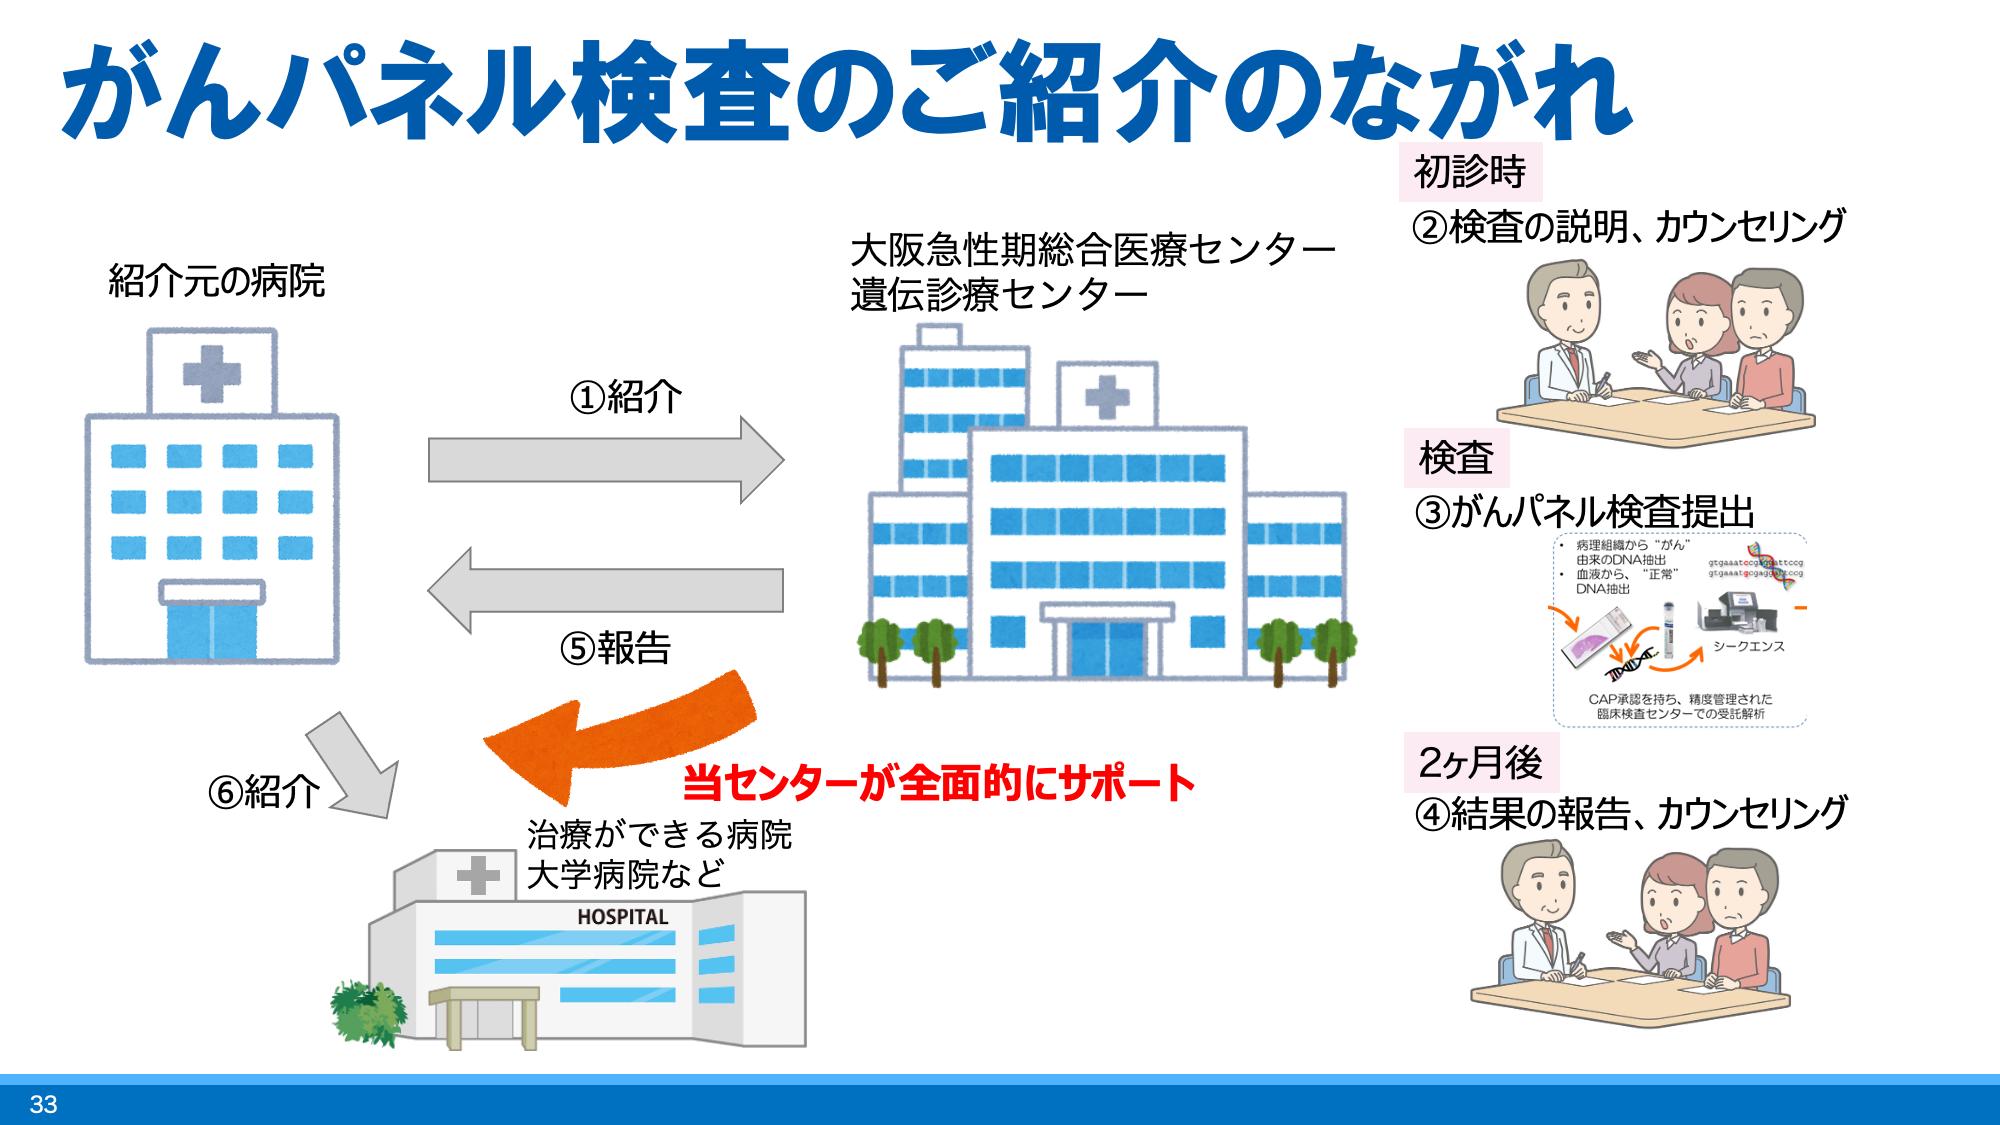 大腸癌 個別化医療 大阪急性期総合医療センター